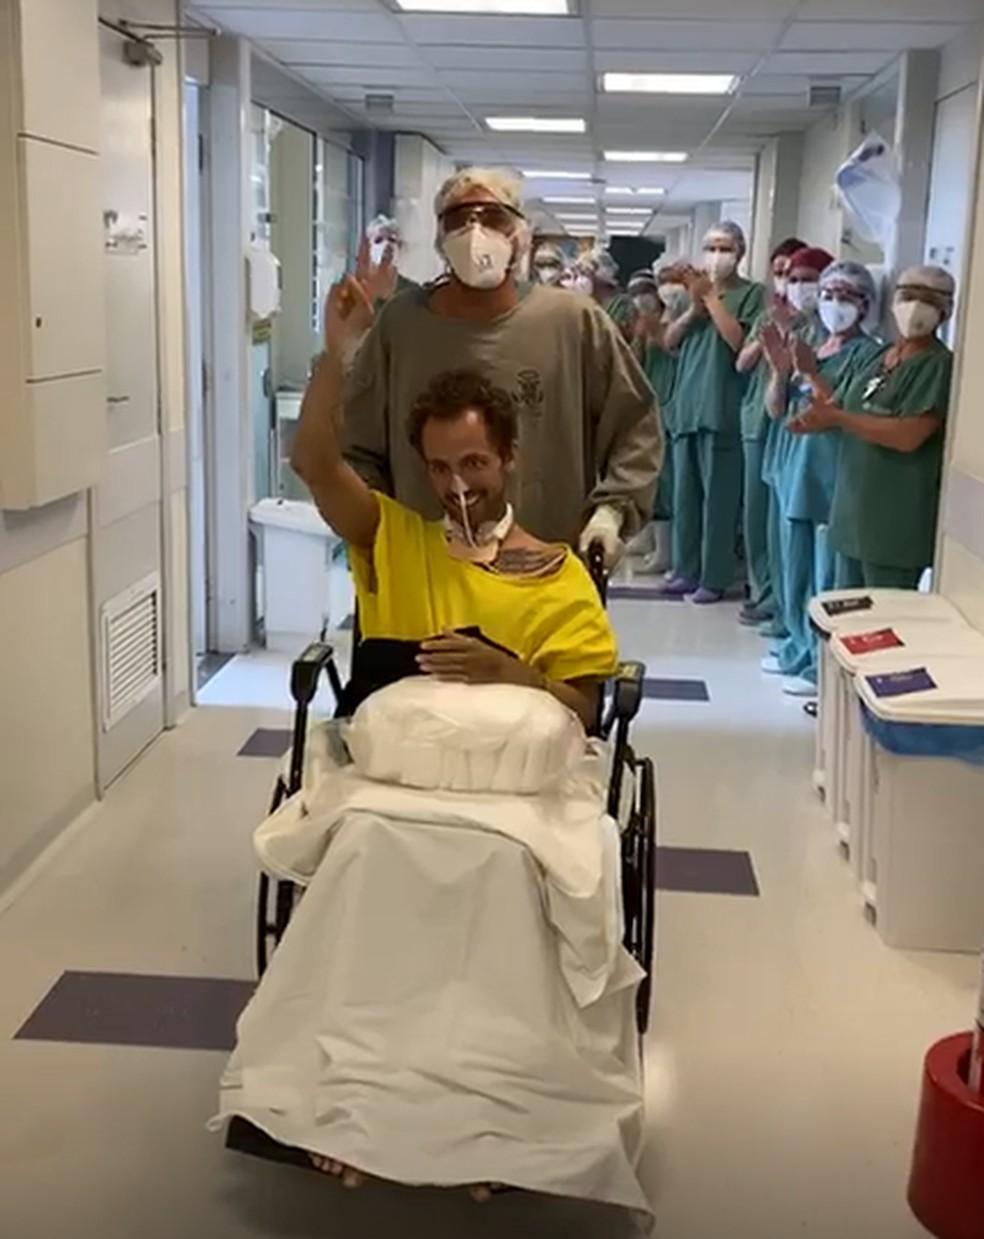 Momento da alta hospitalar de Kaique — Foto: Arquivo pessoal